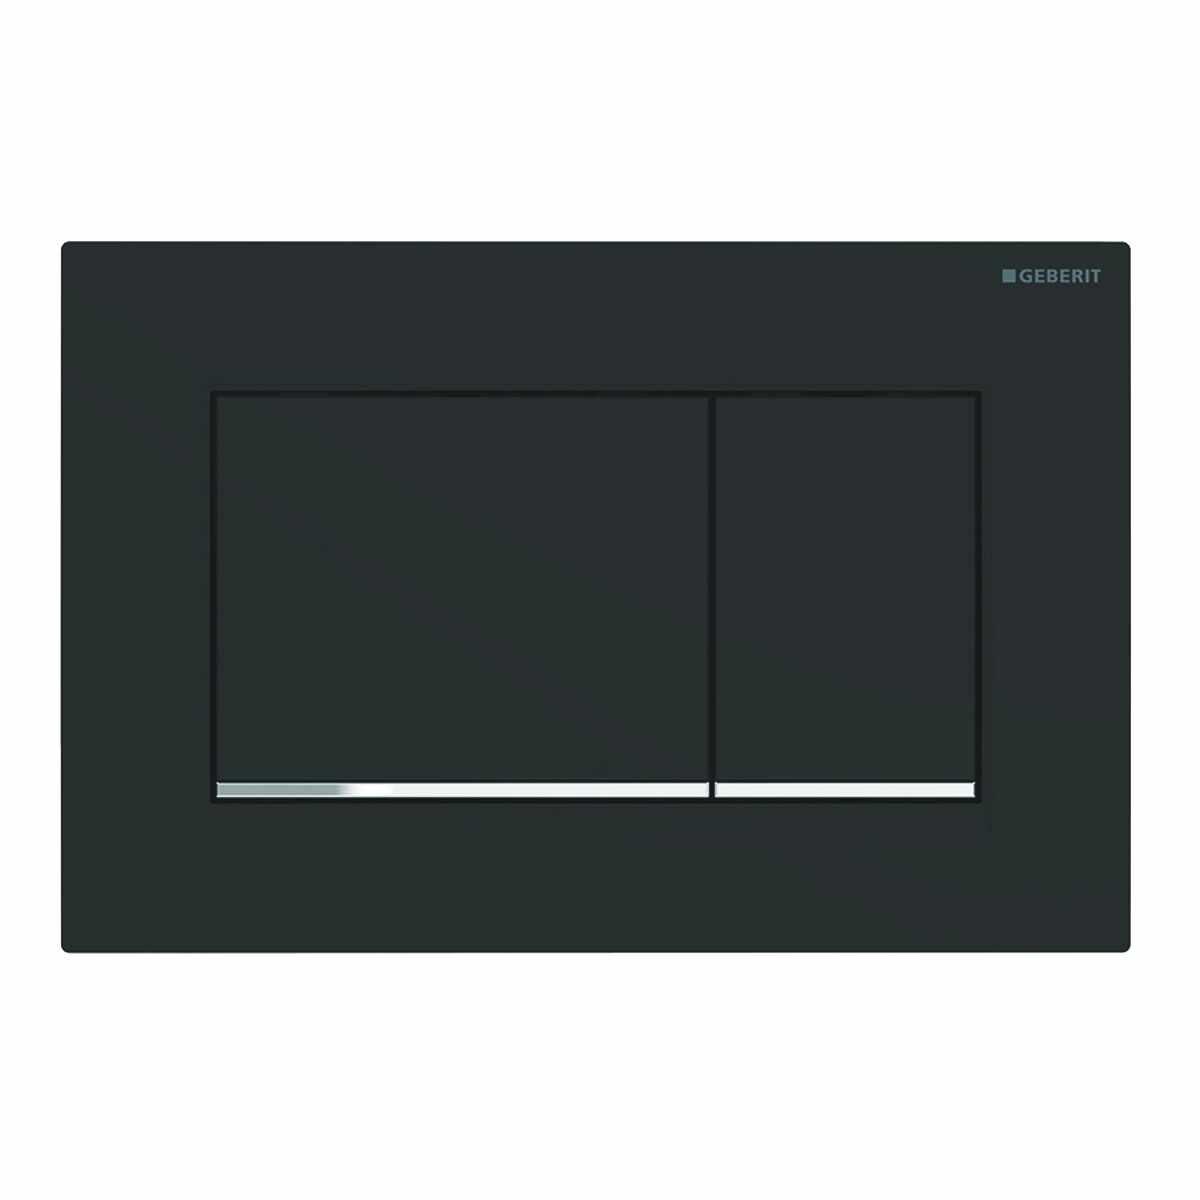 Clapeta actionare Geberit Sigma30 New negru mat lacuit /crom lucios strat Easy-to-Clean la pret 534.6 lei